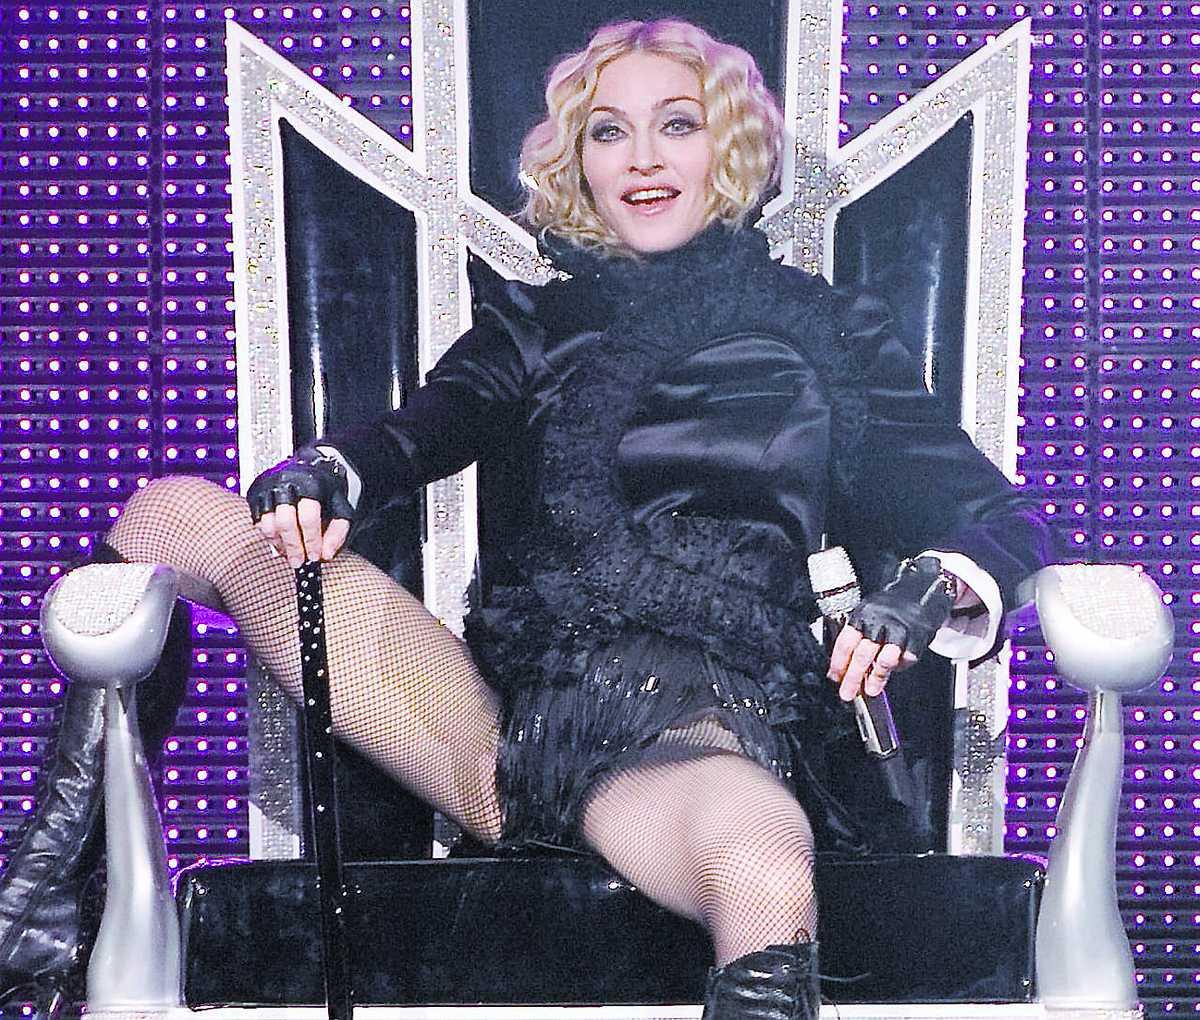 Madonna kan luta sig tillbaka. Hennes turné Sticky & sweet är en riktig kassako.